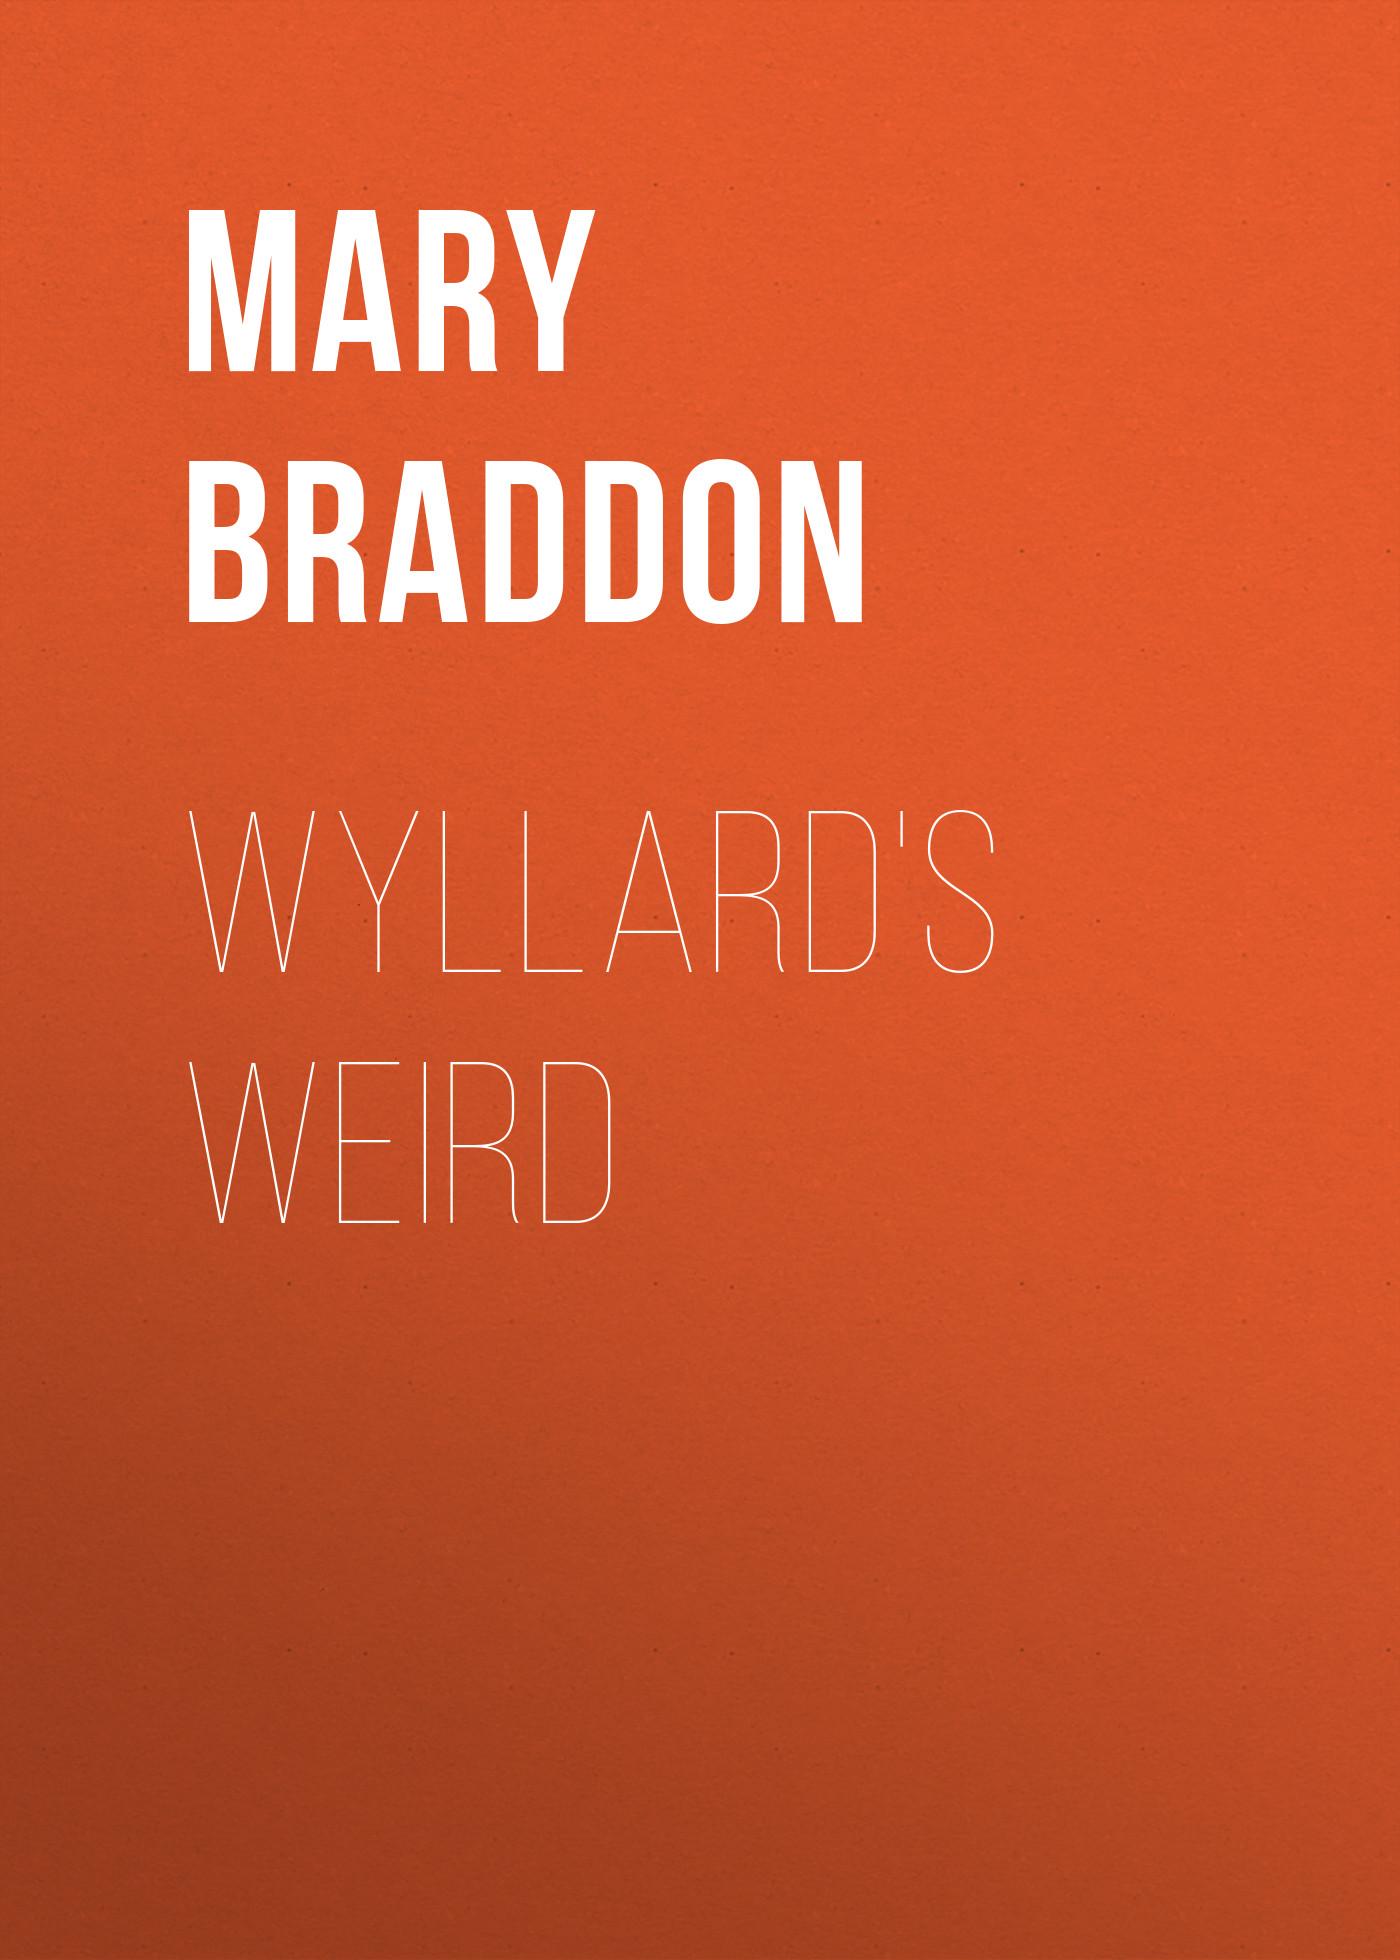 Мэри Элизабет Брэддон Wyllard's Weird мэри элизабет брэддон the doctor s wife a novel